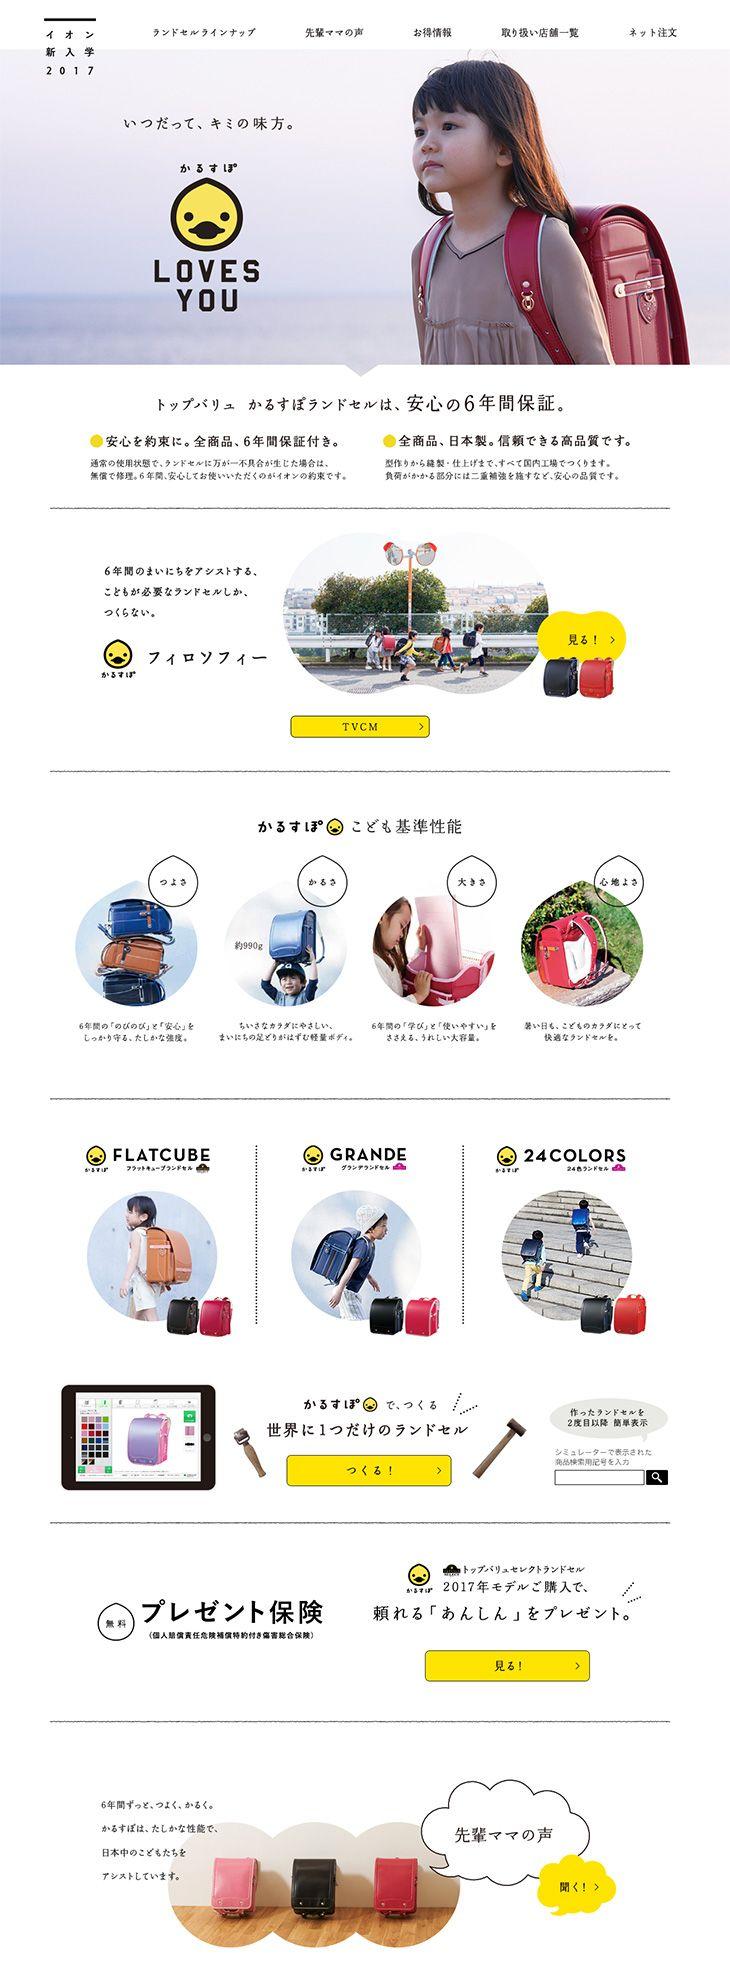 かるすぽランドセル【キッズ・ベビー・玩具関連】のLPデザイン。WEBデザイナーさん必見!ランディングページのデザイン参考に(シンプル系)